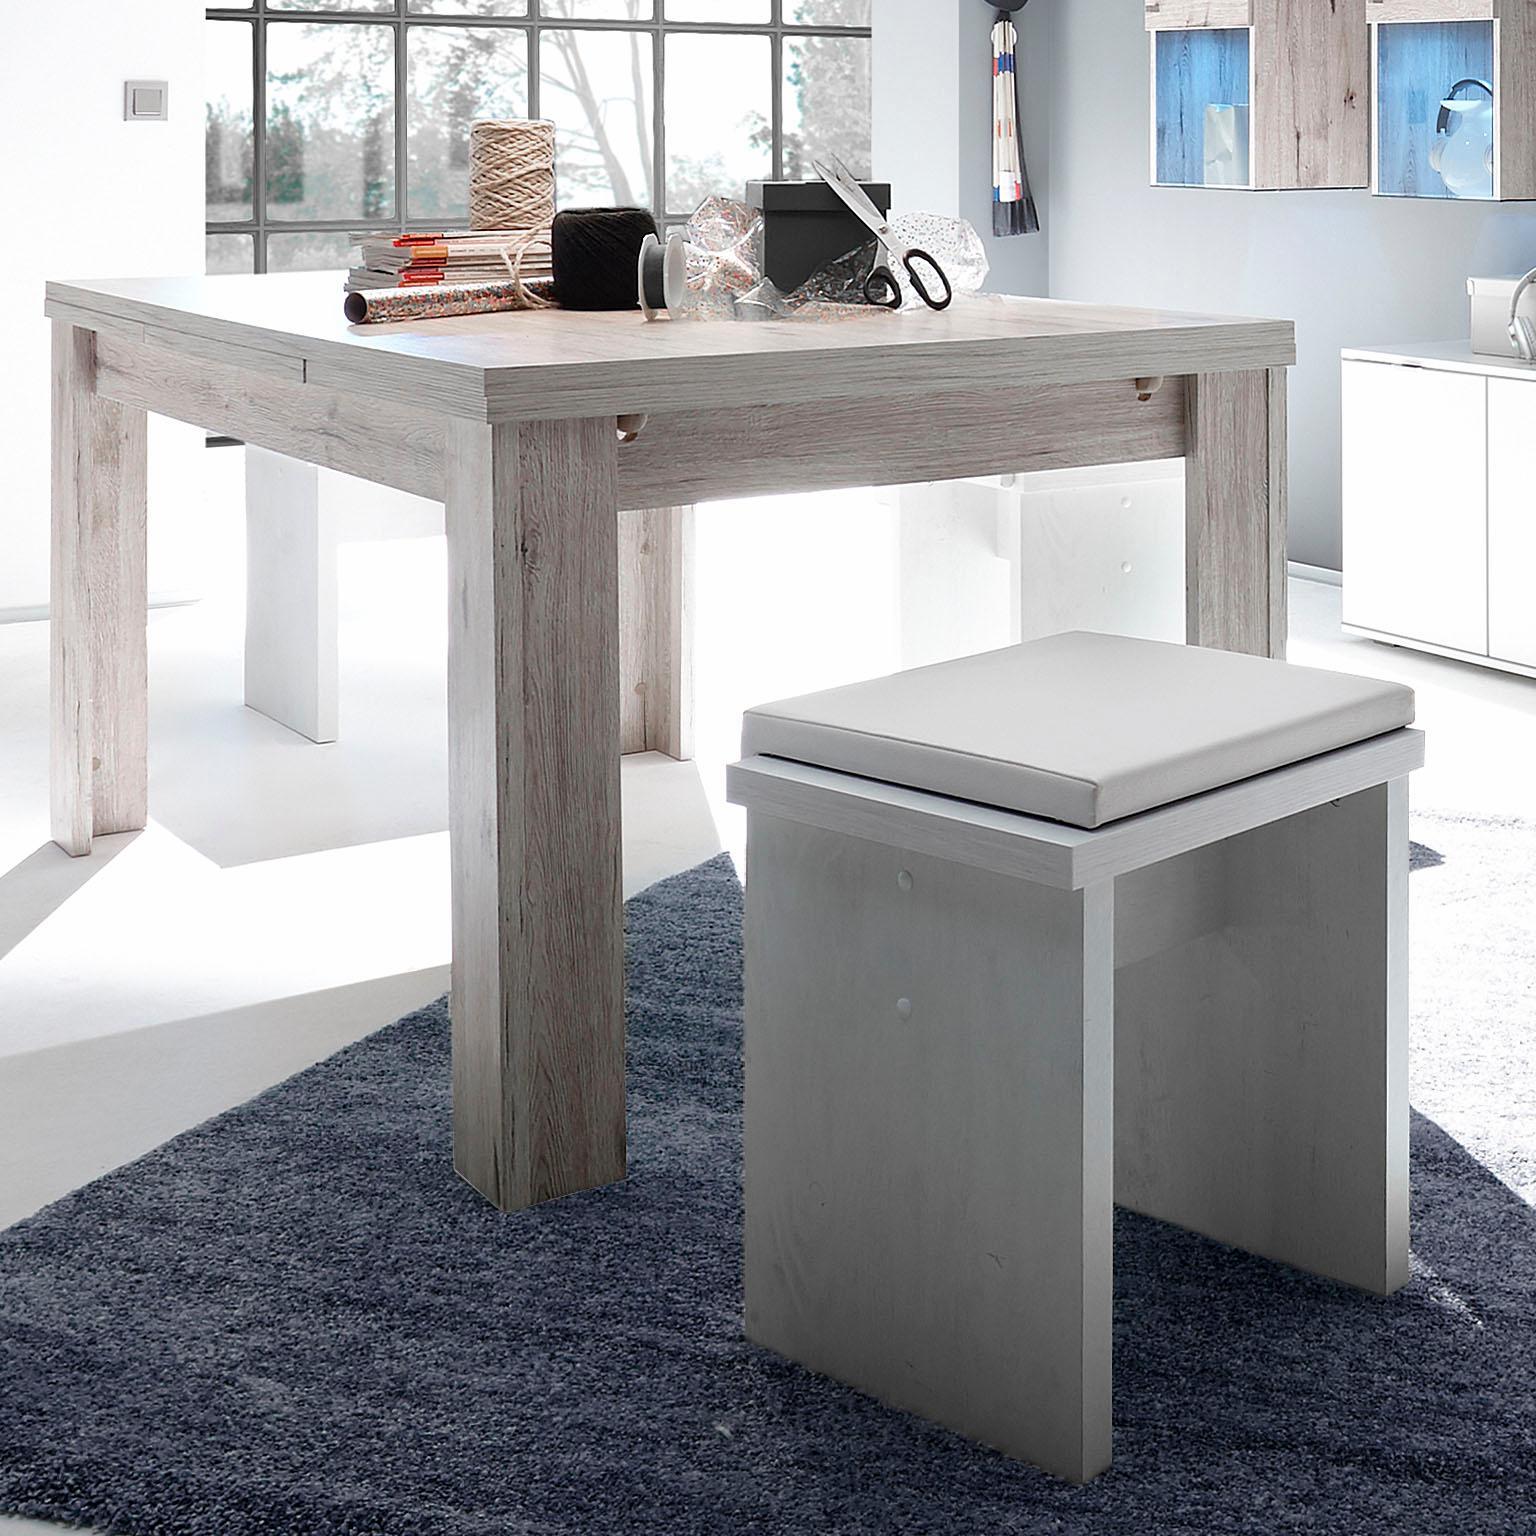 Esstisch, ausziehbar, Breite 180-280 cm beige Ausziehbare Esstische Tische Esstisch